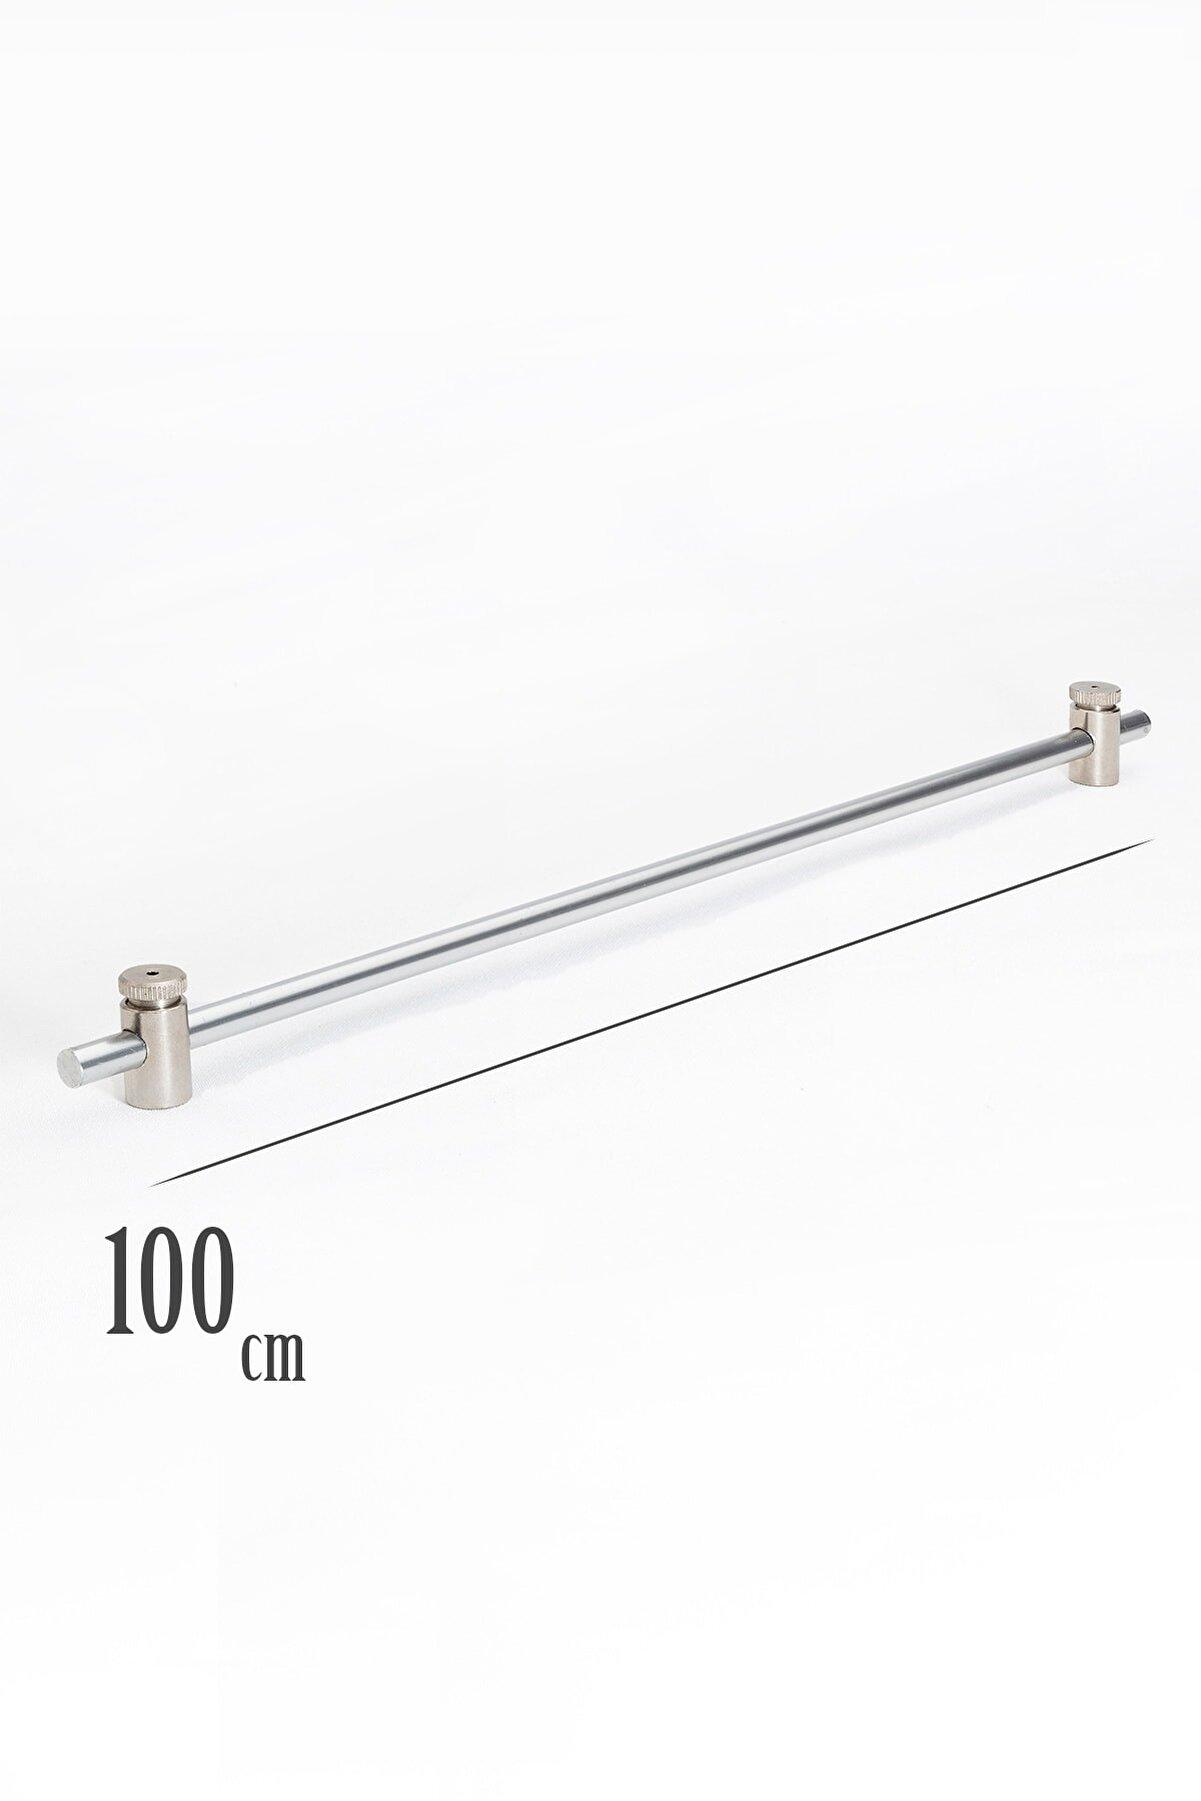 VENTİ PERDE 100 Cm Metalik Gri Rustik 1 Adet Briz Çubuk 2 Adet Başlık